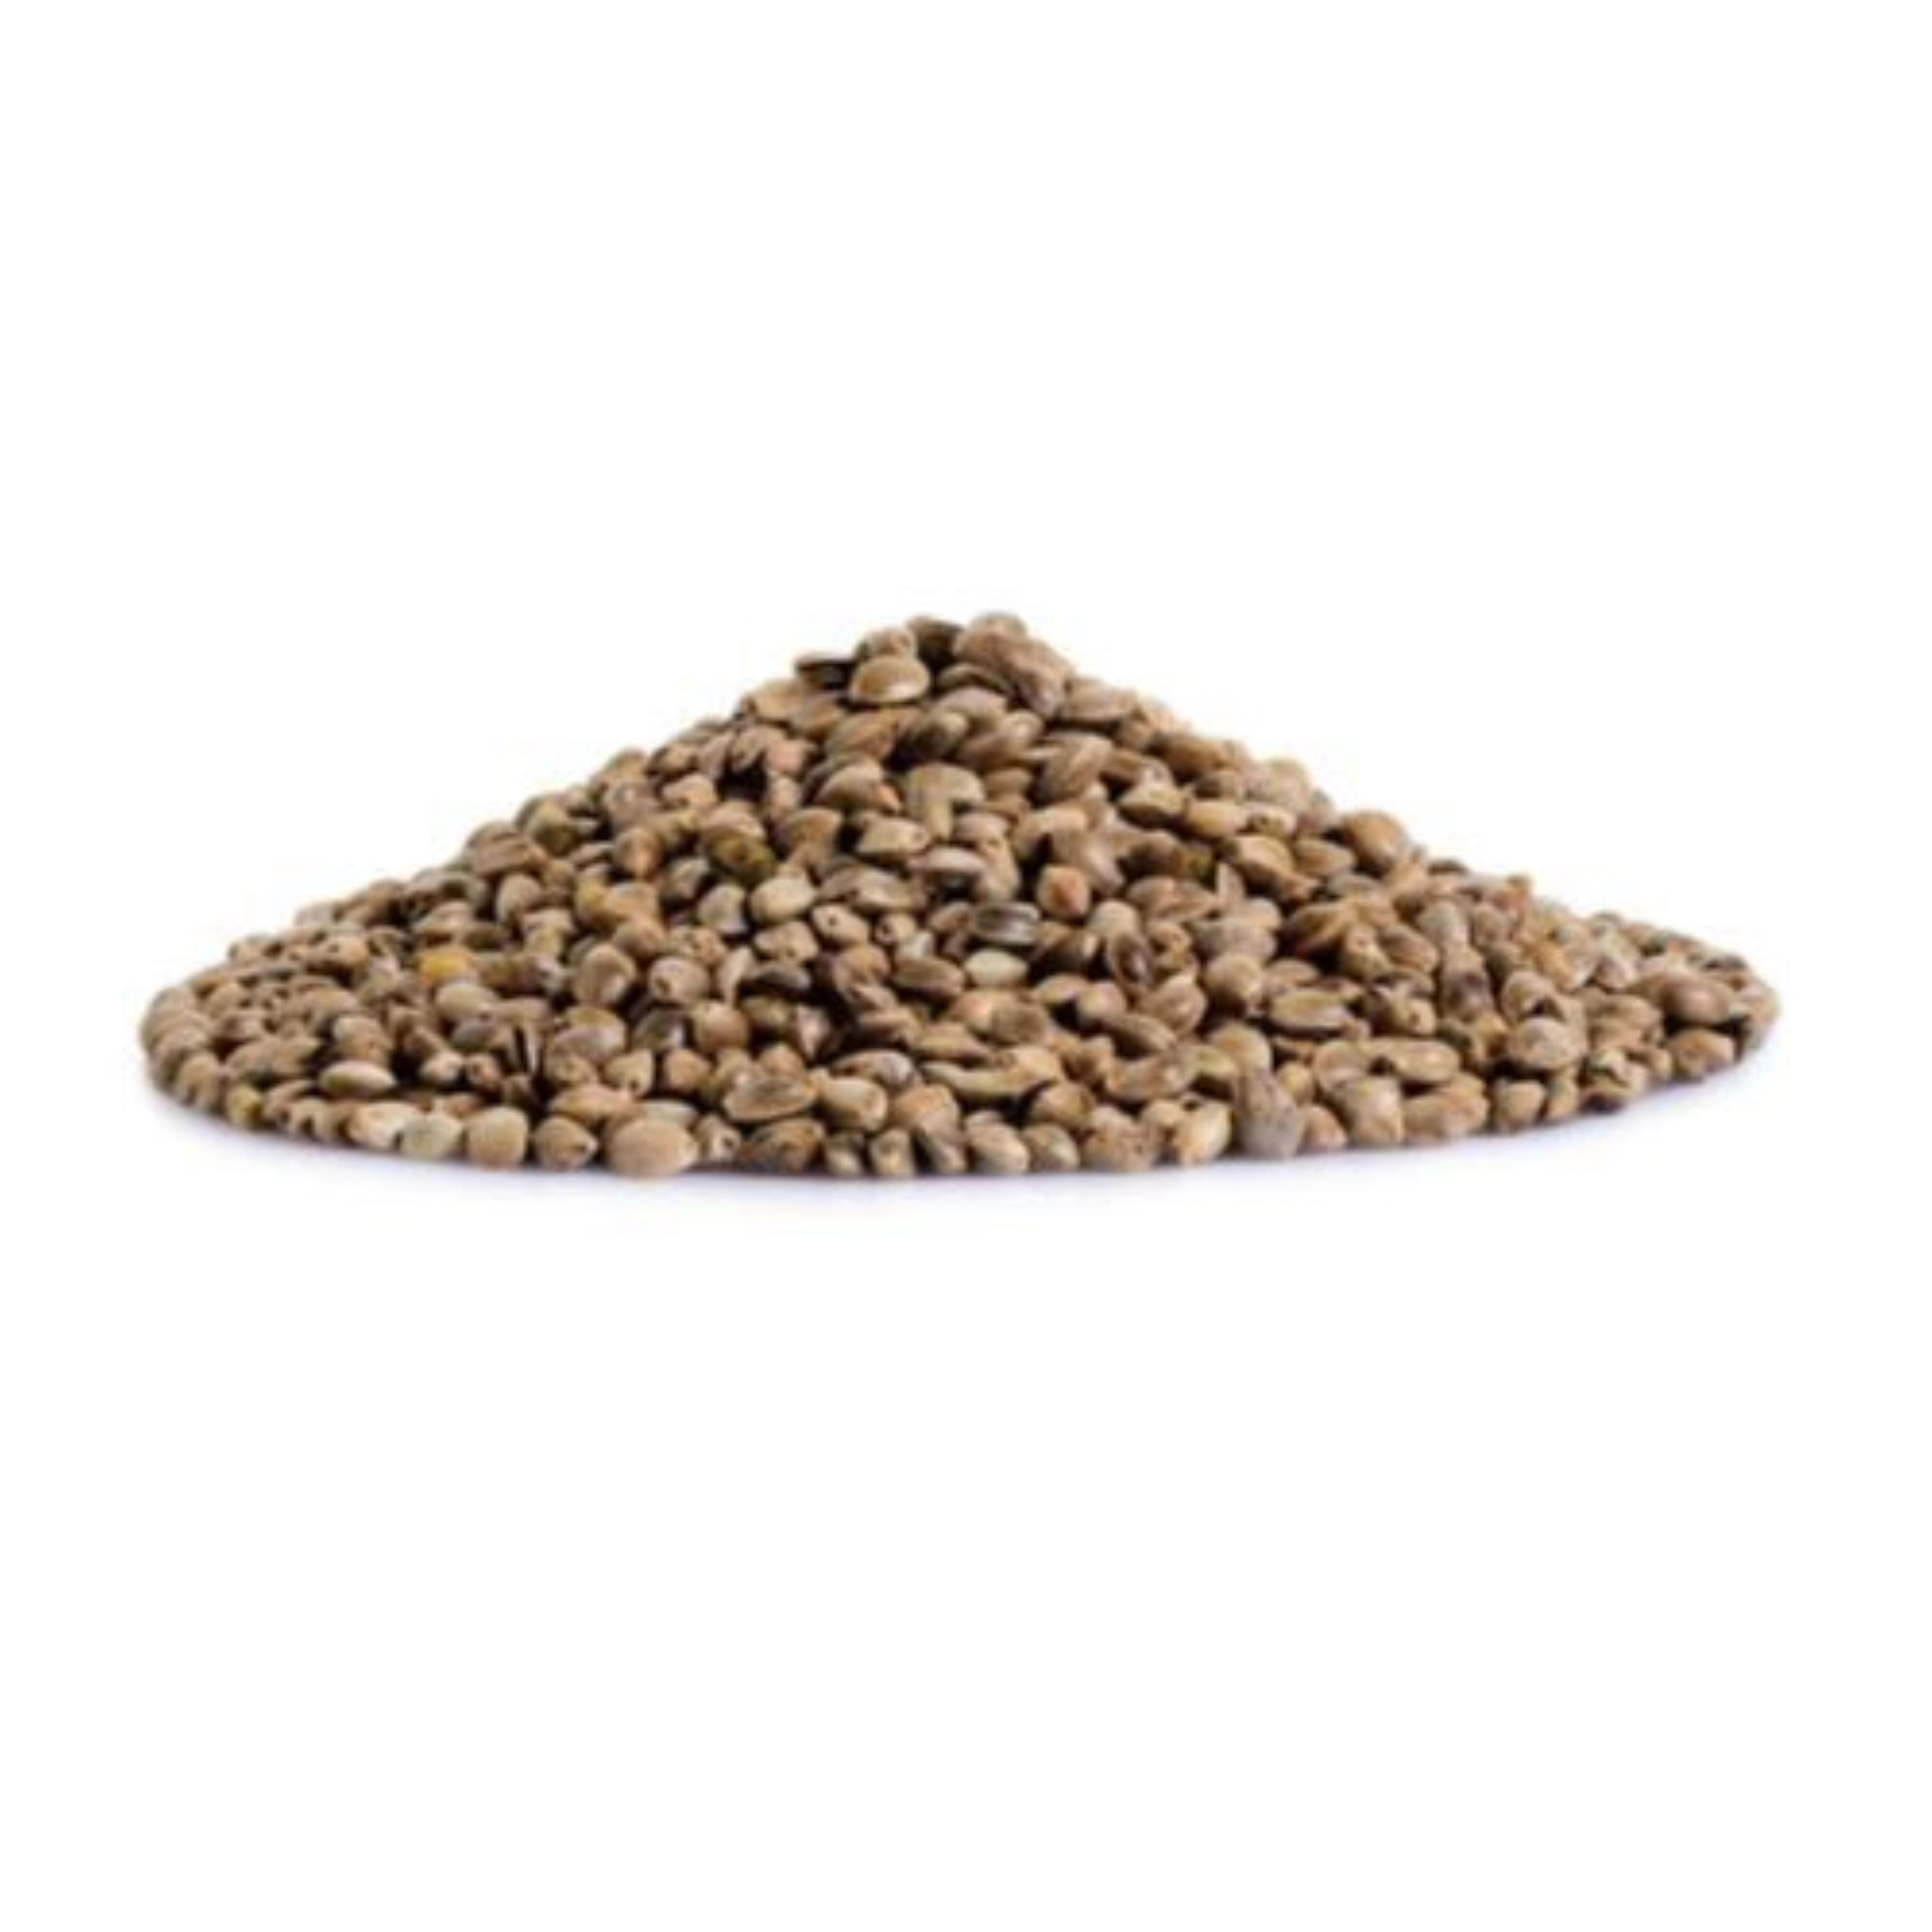 Kanapių sėklos 300 g